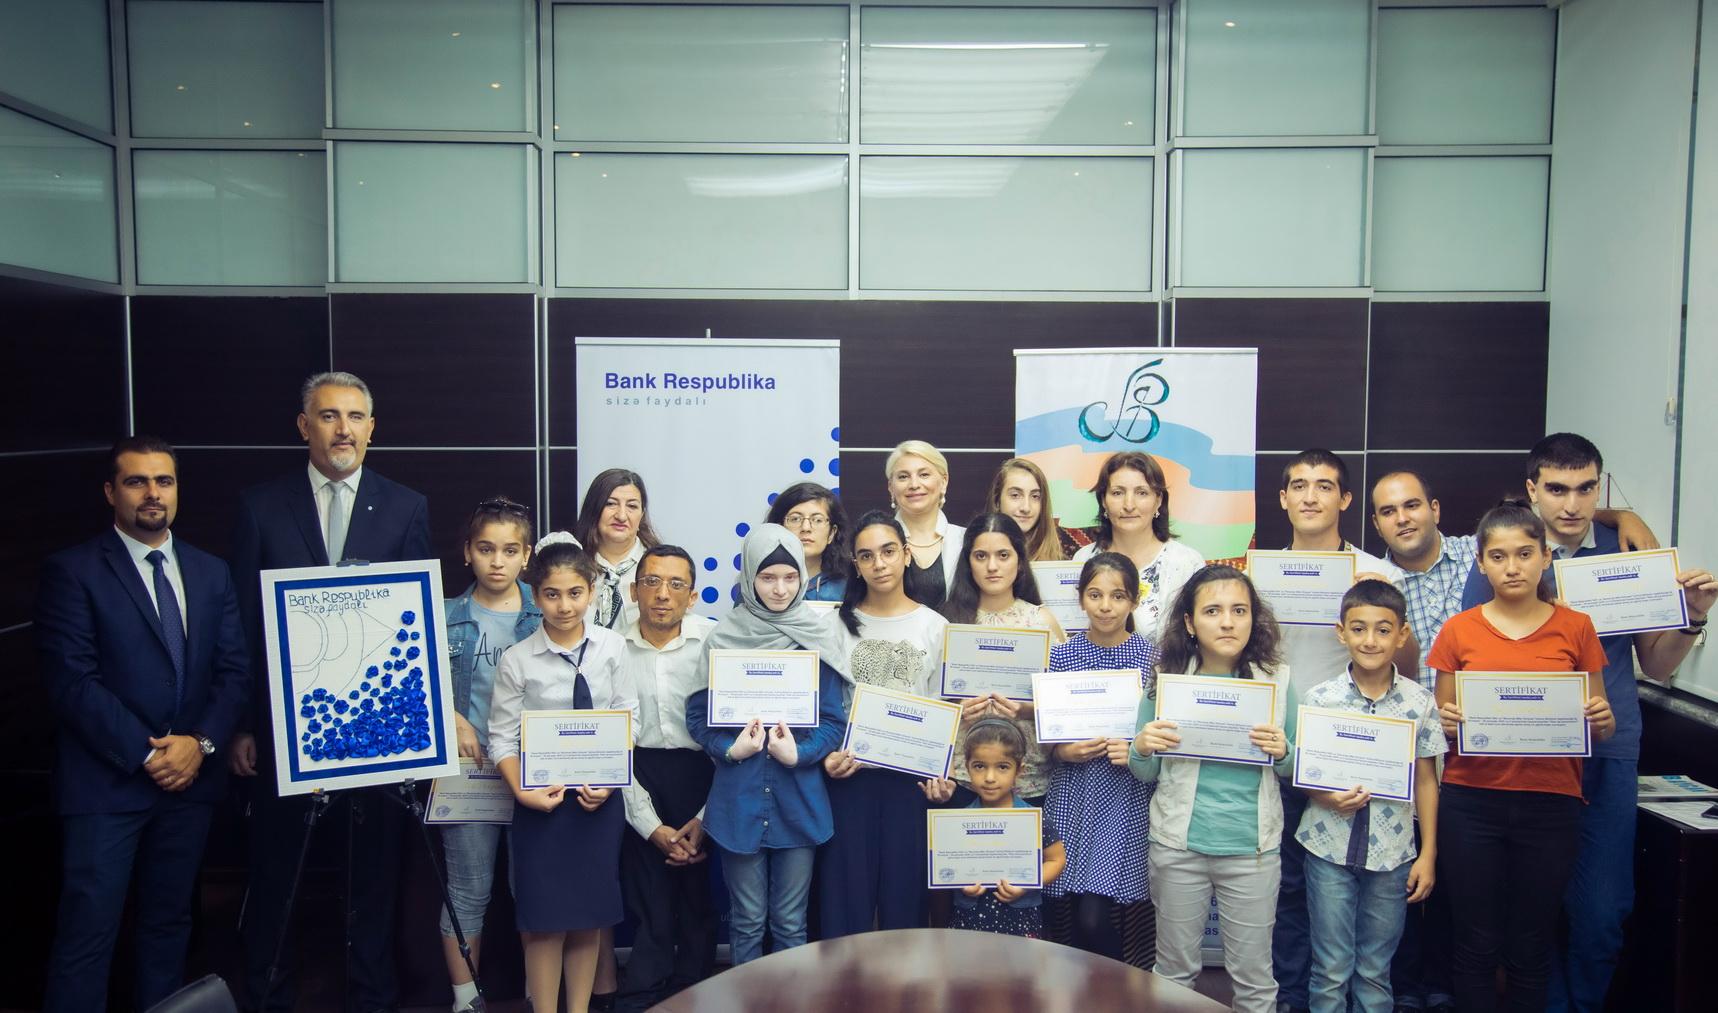 Банк Республика реализовал социальный проект «Я тоже смогу!» для детей с ограниченными физическими возможностями